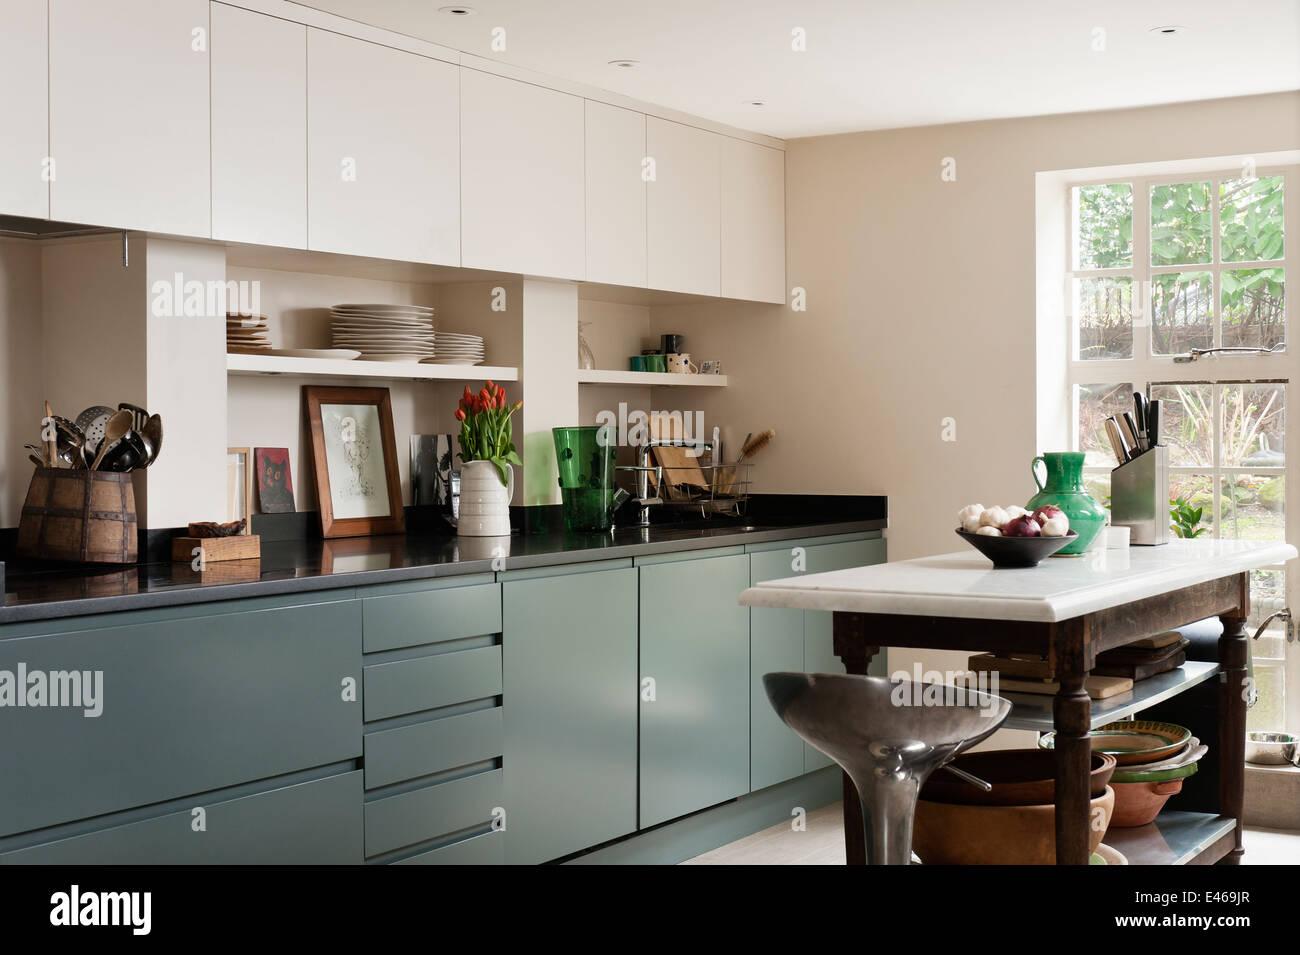 London, Küche mit Insel und Bar Hocker Stockfoto, Bild: 71439391 - Alamy